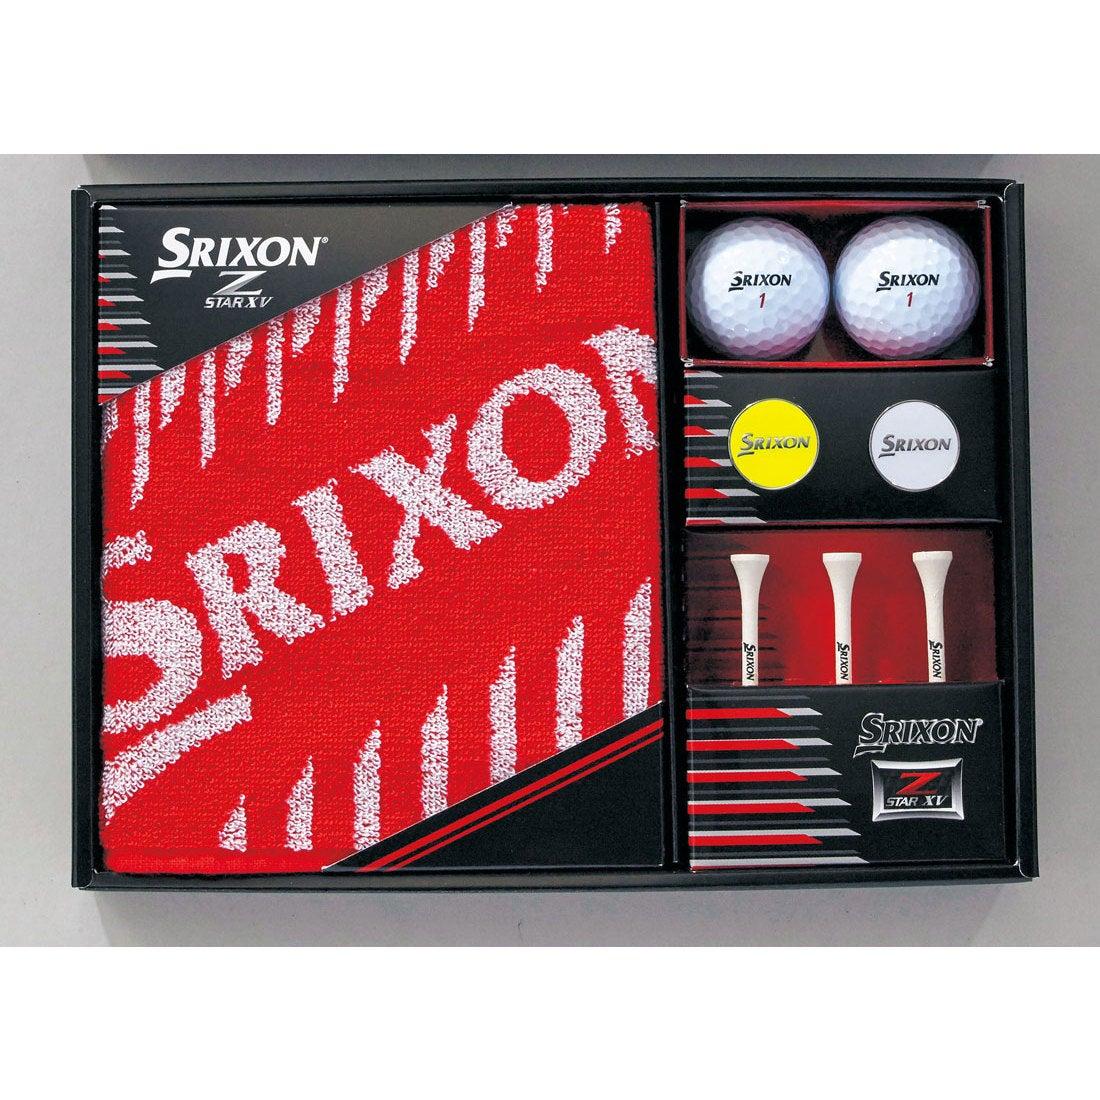 ロコンド 靴とファッションの通販サイトダンロップ DUNLOP ゴルフ ボールギフト スリクソン スリクソンボール入りギフト GGF-F2074 GGFF2074G